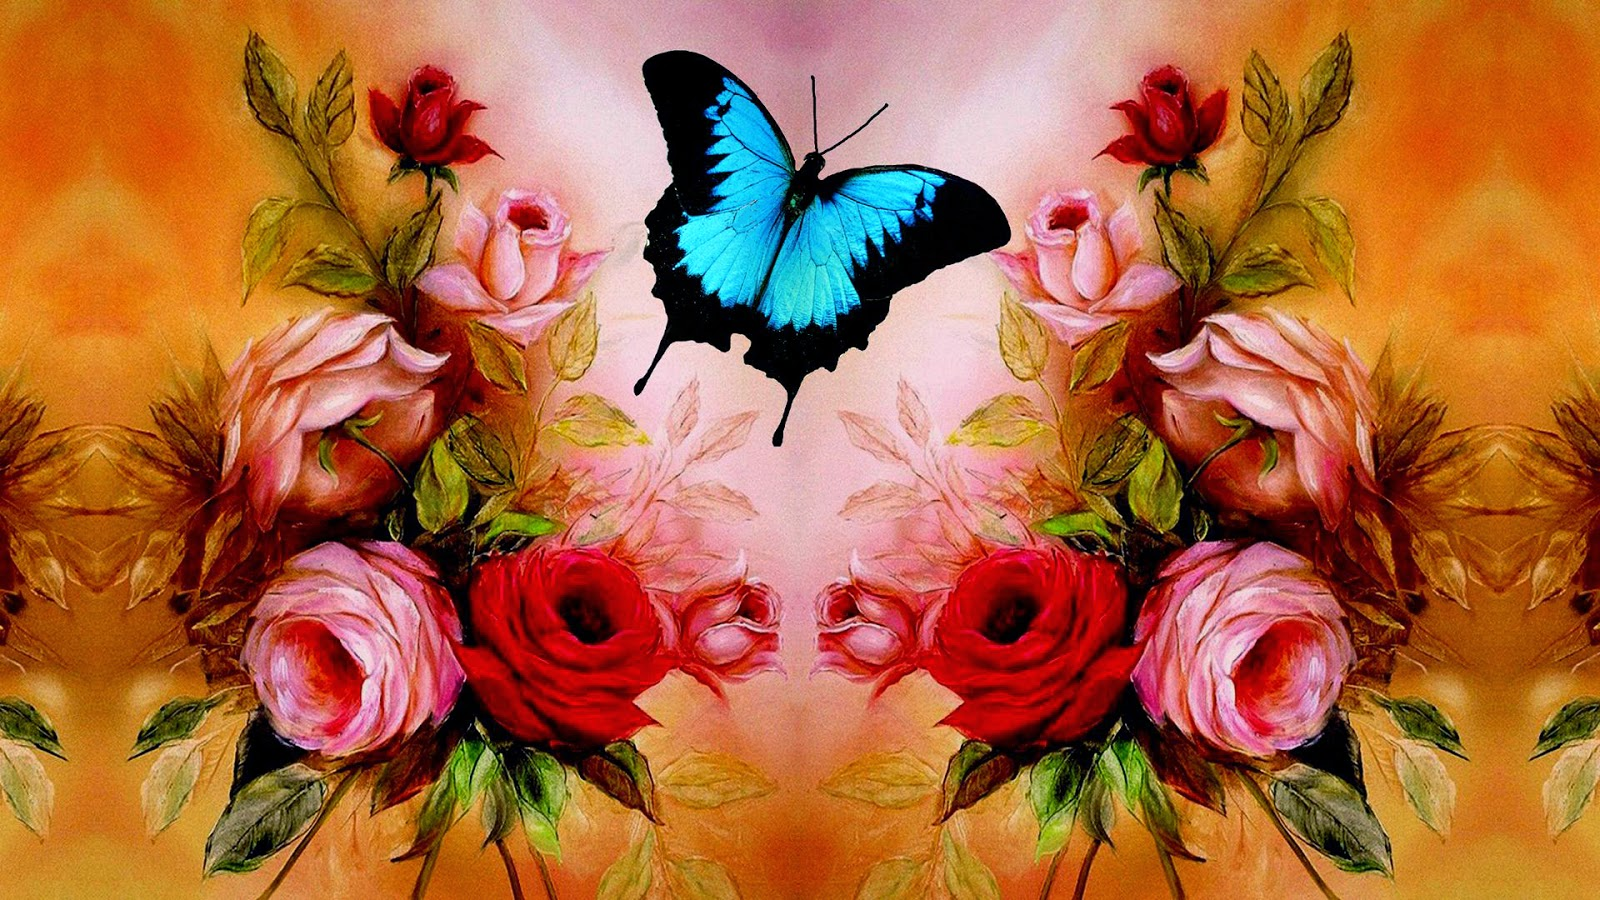 بالصور خلفيات شاشه جميله , خلفيات رائعة للفرشات 3678 10